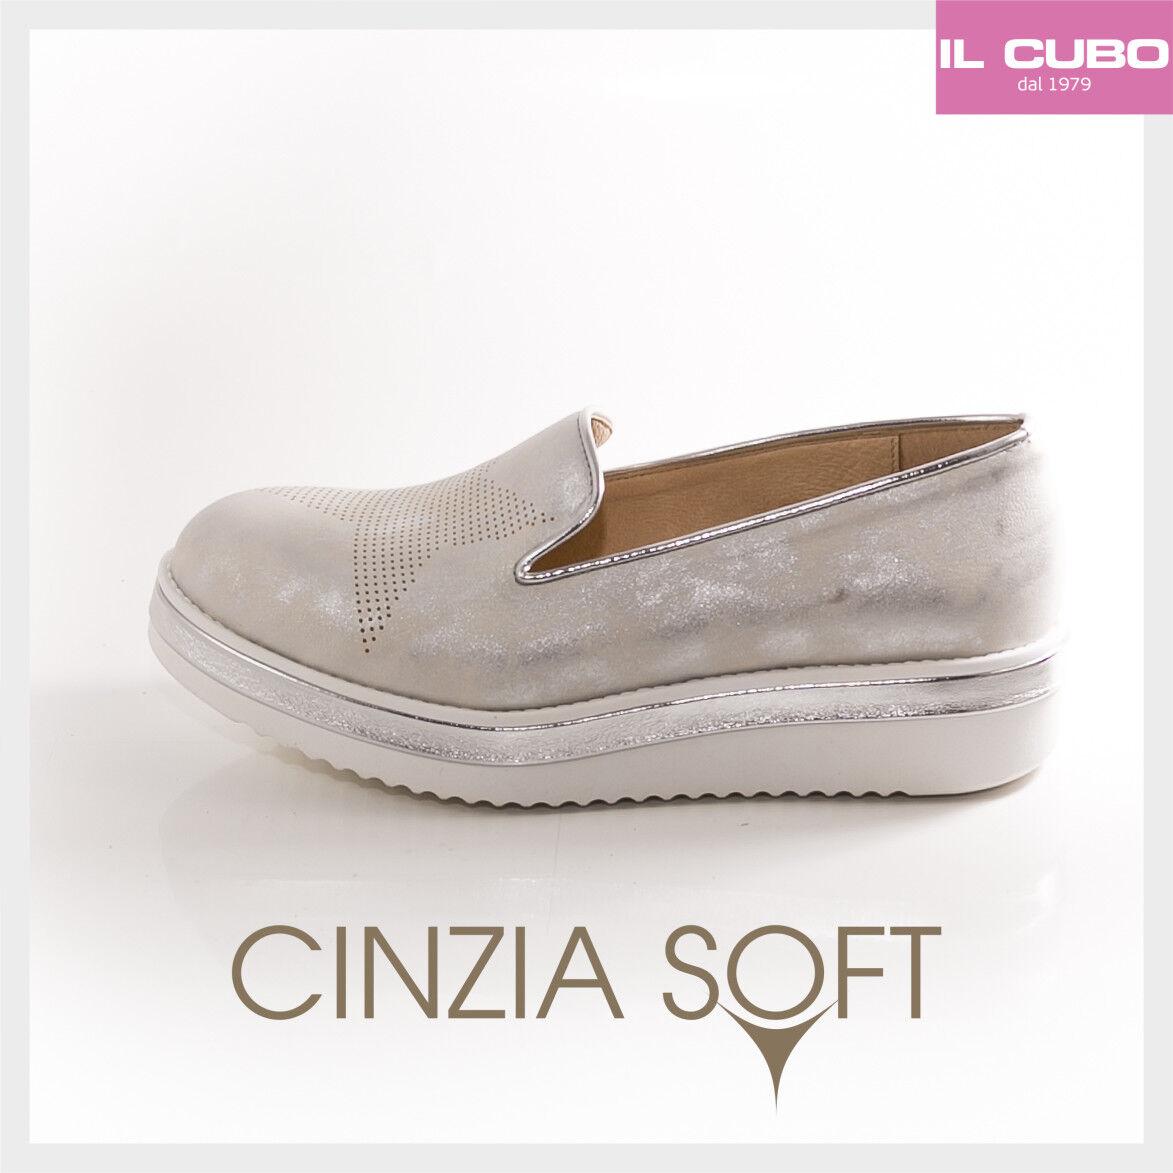 CINZIA SOFT SCARPA Damens MOCASSINO PELLE COLORE ARGENTO ZEPPA H 4 CM M.IN ITALY